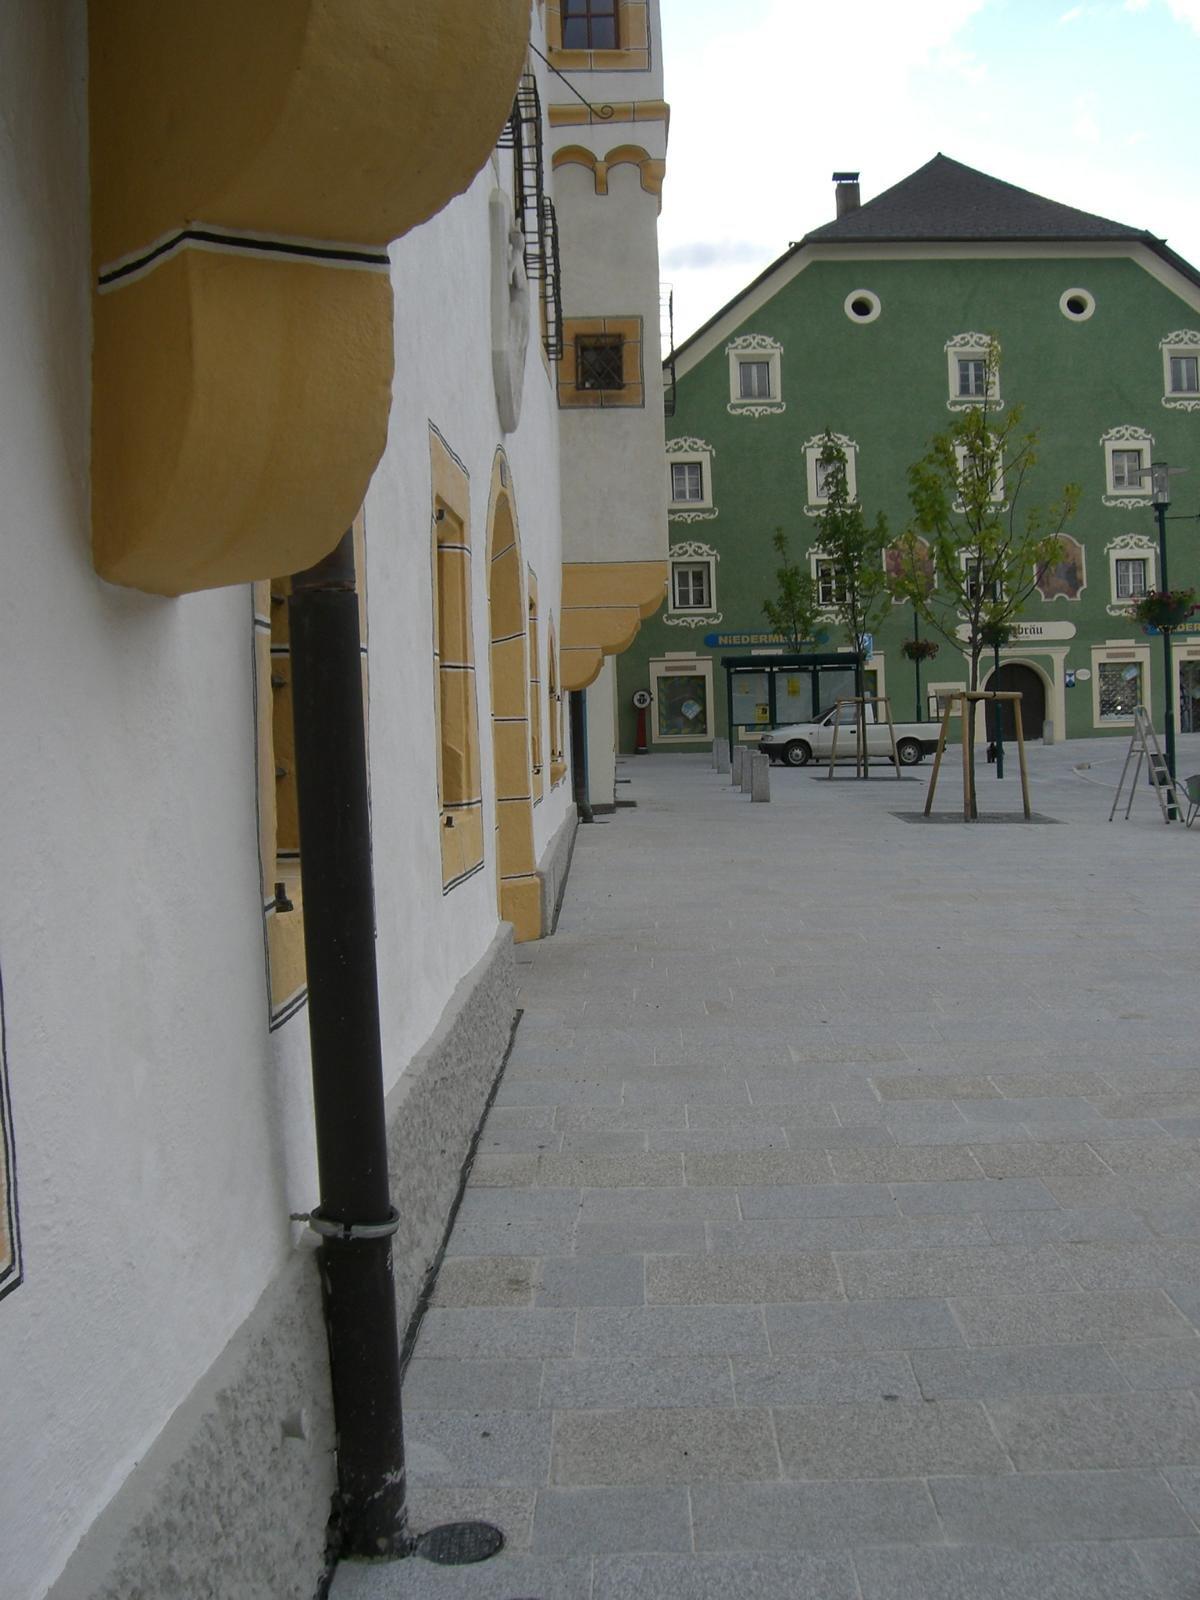 Tamsweg - Marktplatz12